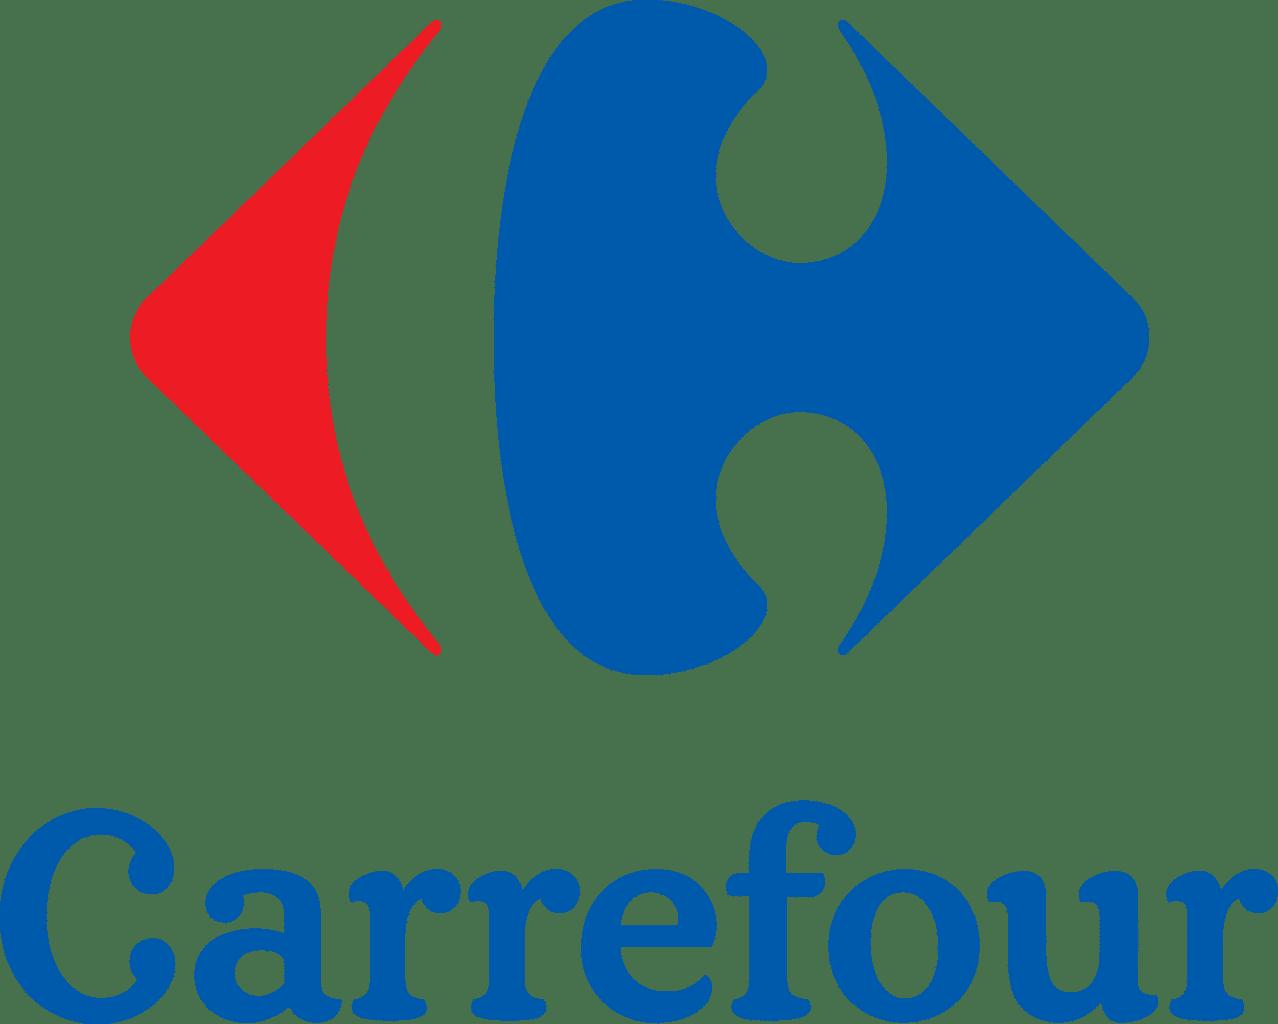 Enseigne Carrefour